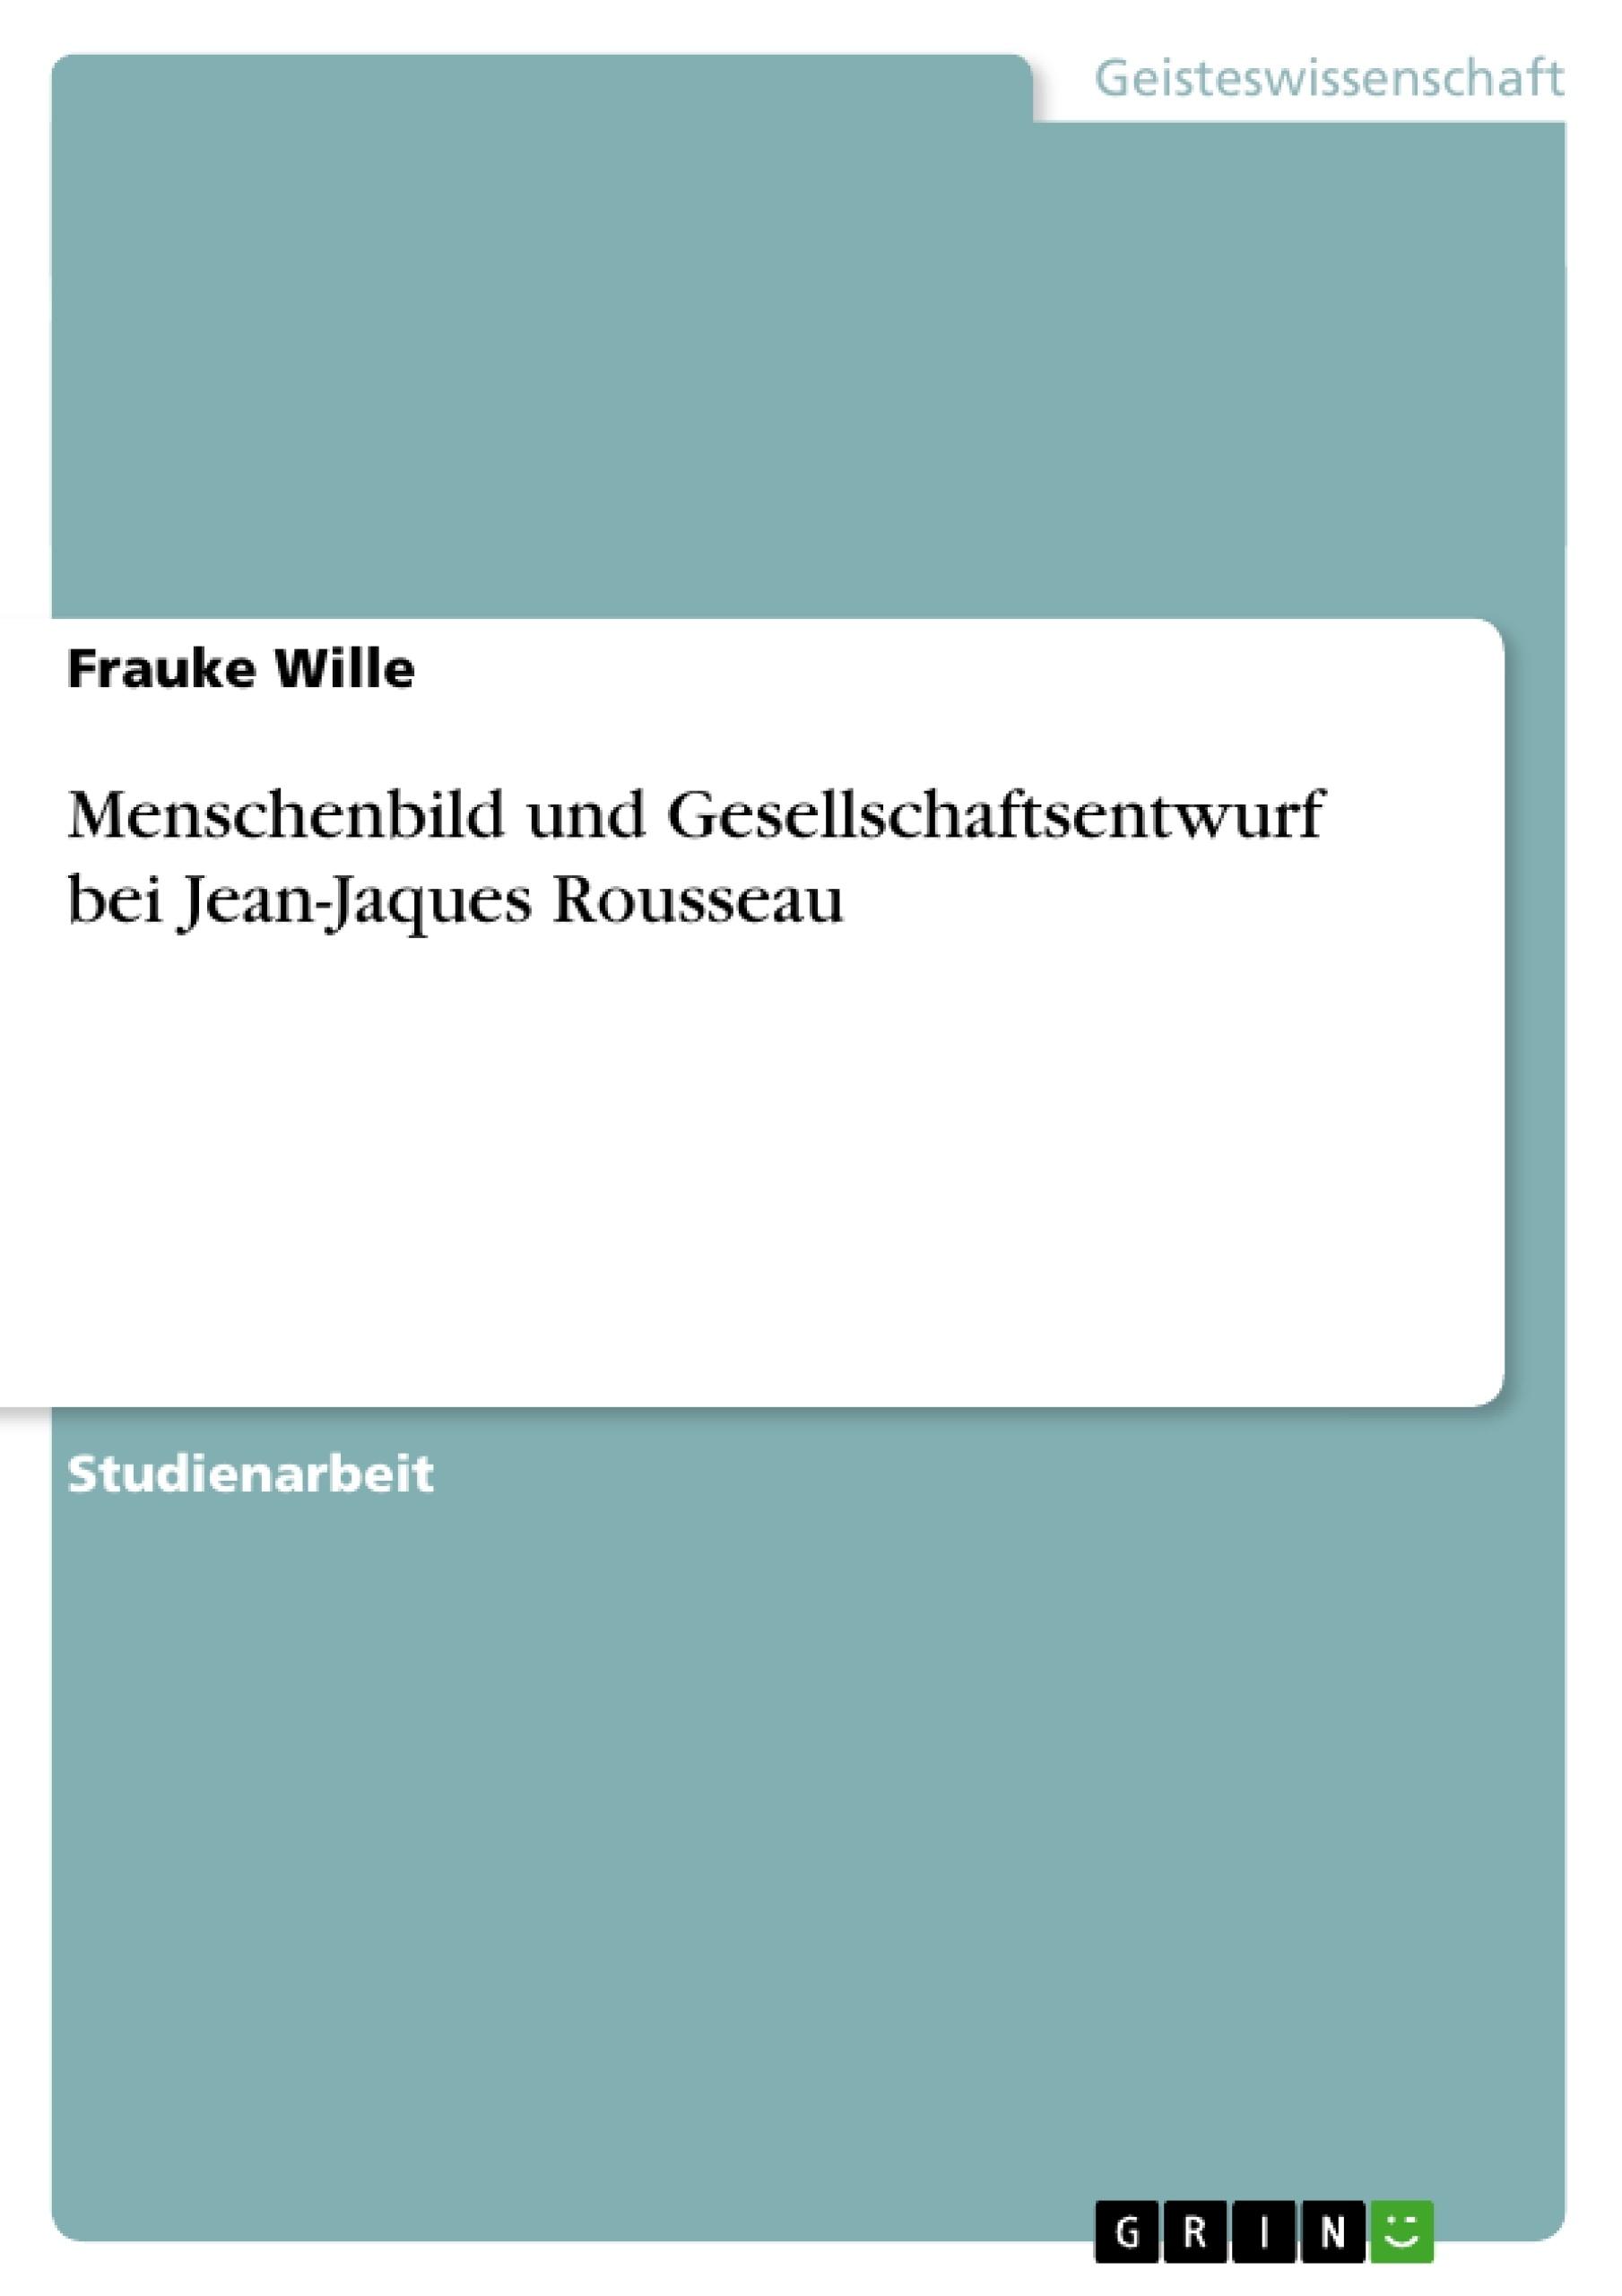 Titel: Menschenbild und Gesellschaftsentwurf bei Jean-Jaques Rousseau